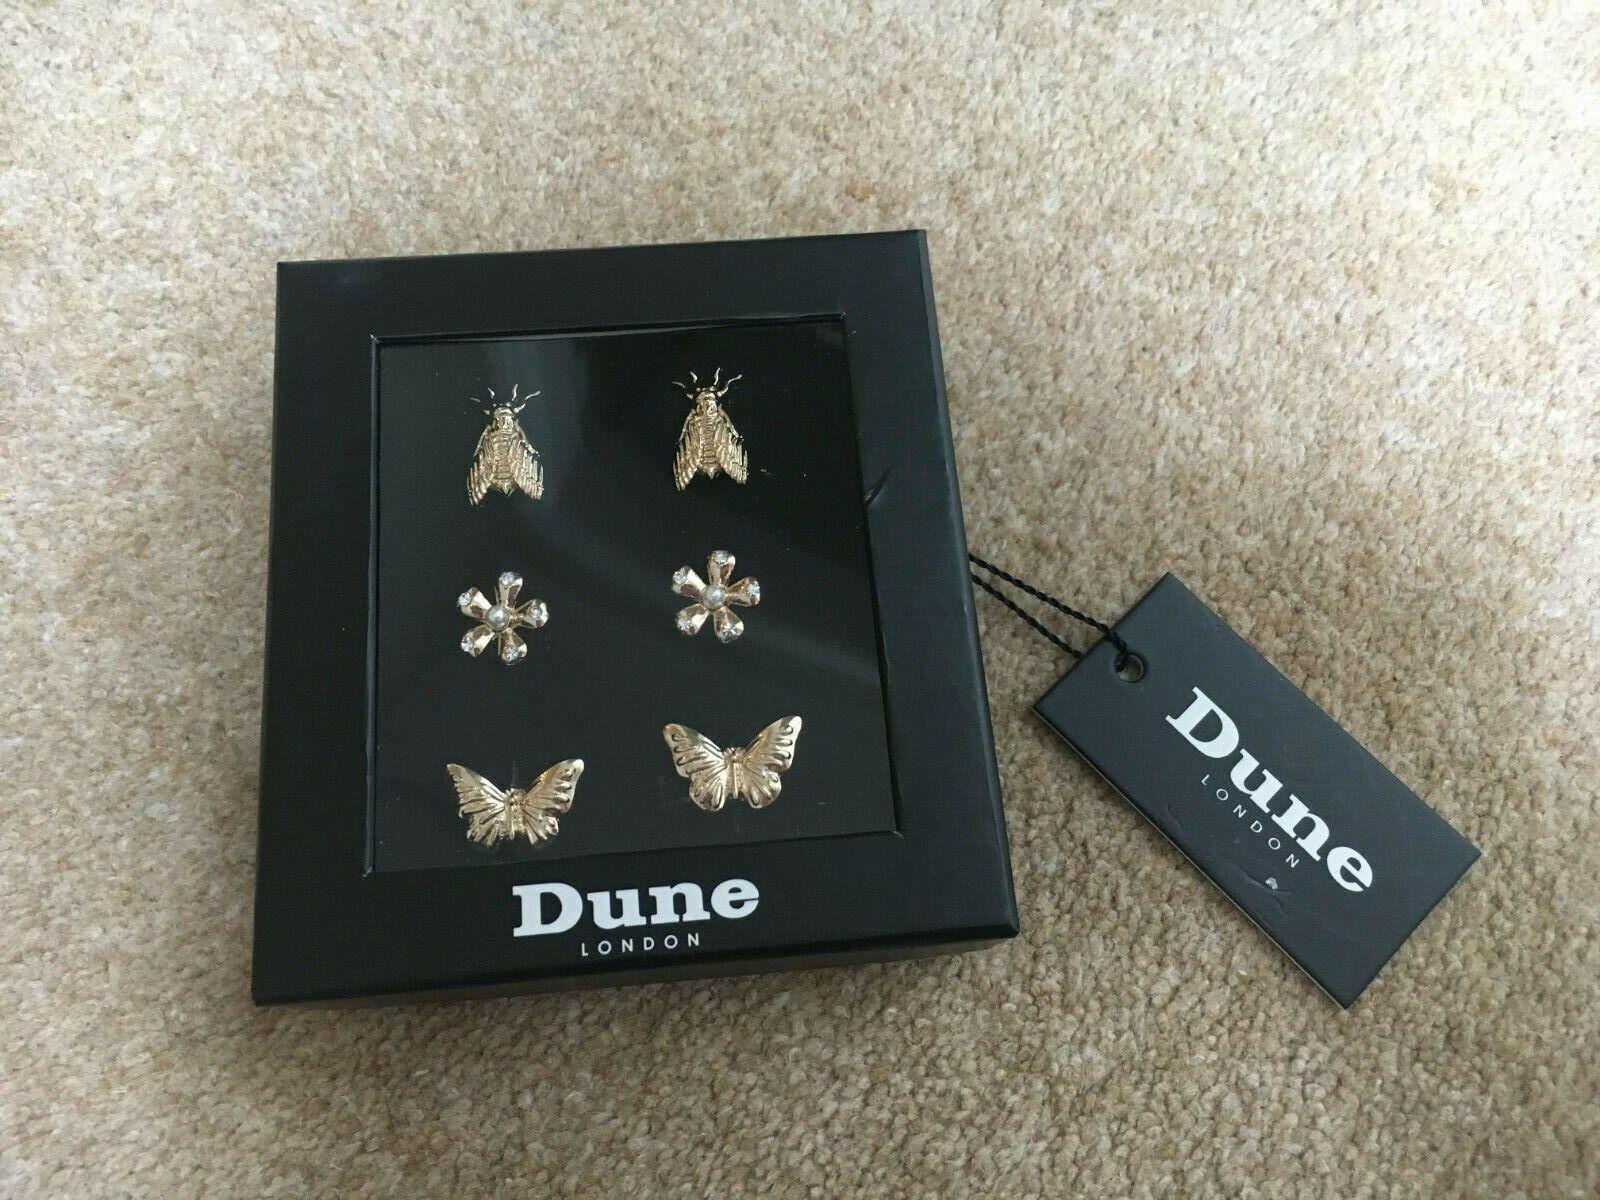 ! nuevo! precioso Conjunto De Duna zapato encantos, Oro Mariposas Flores Serendipity,! Regalo!